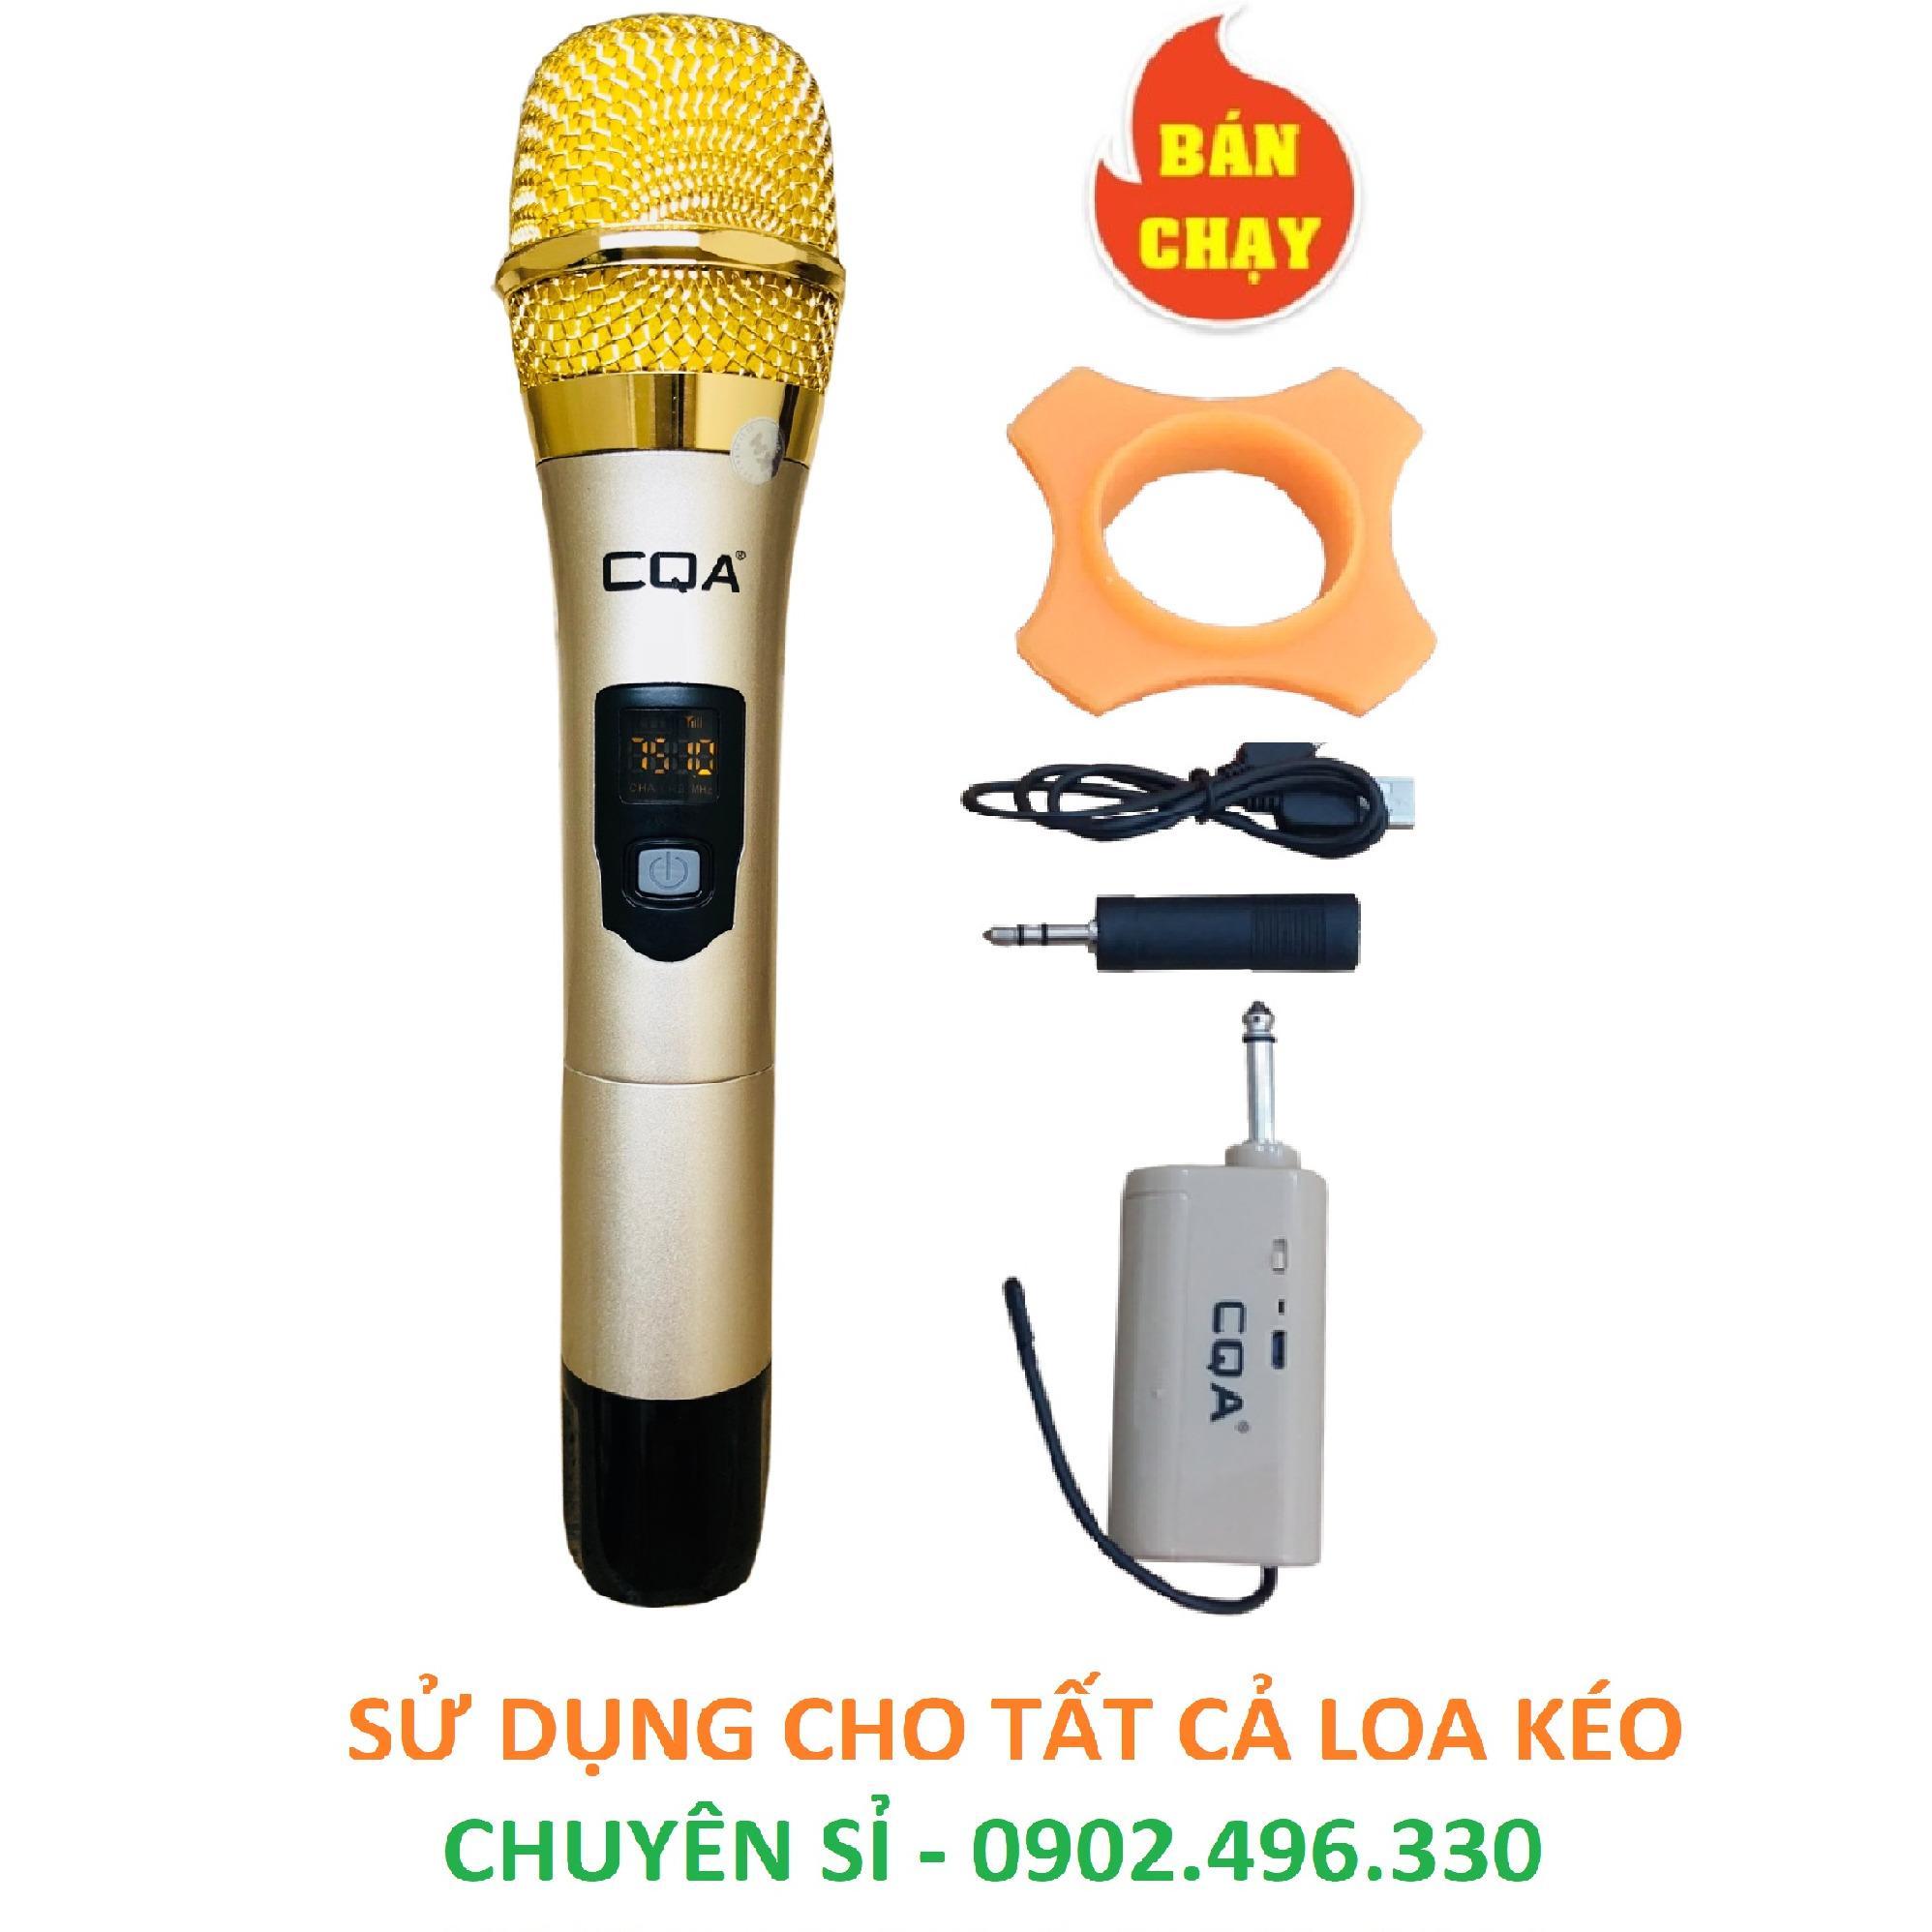 Giá Bán Micro Đa Năng Khong Day Cqa Q 005 Hut Song Tốt Hat Cực Nhẹ Rẻ Nhất